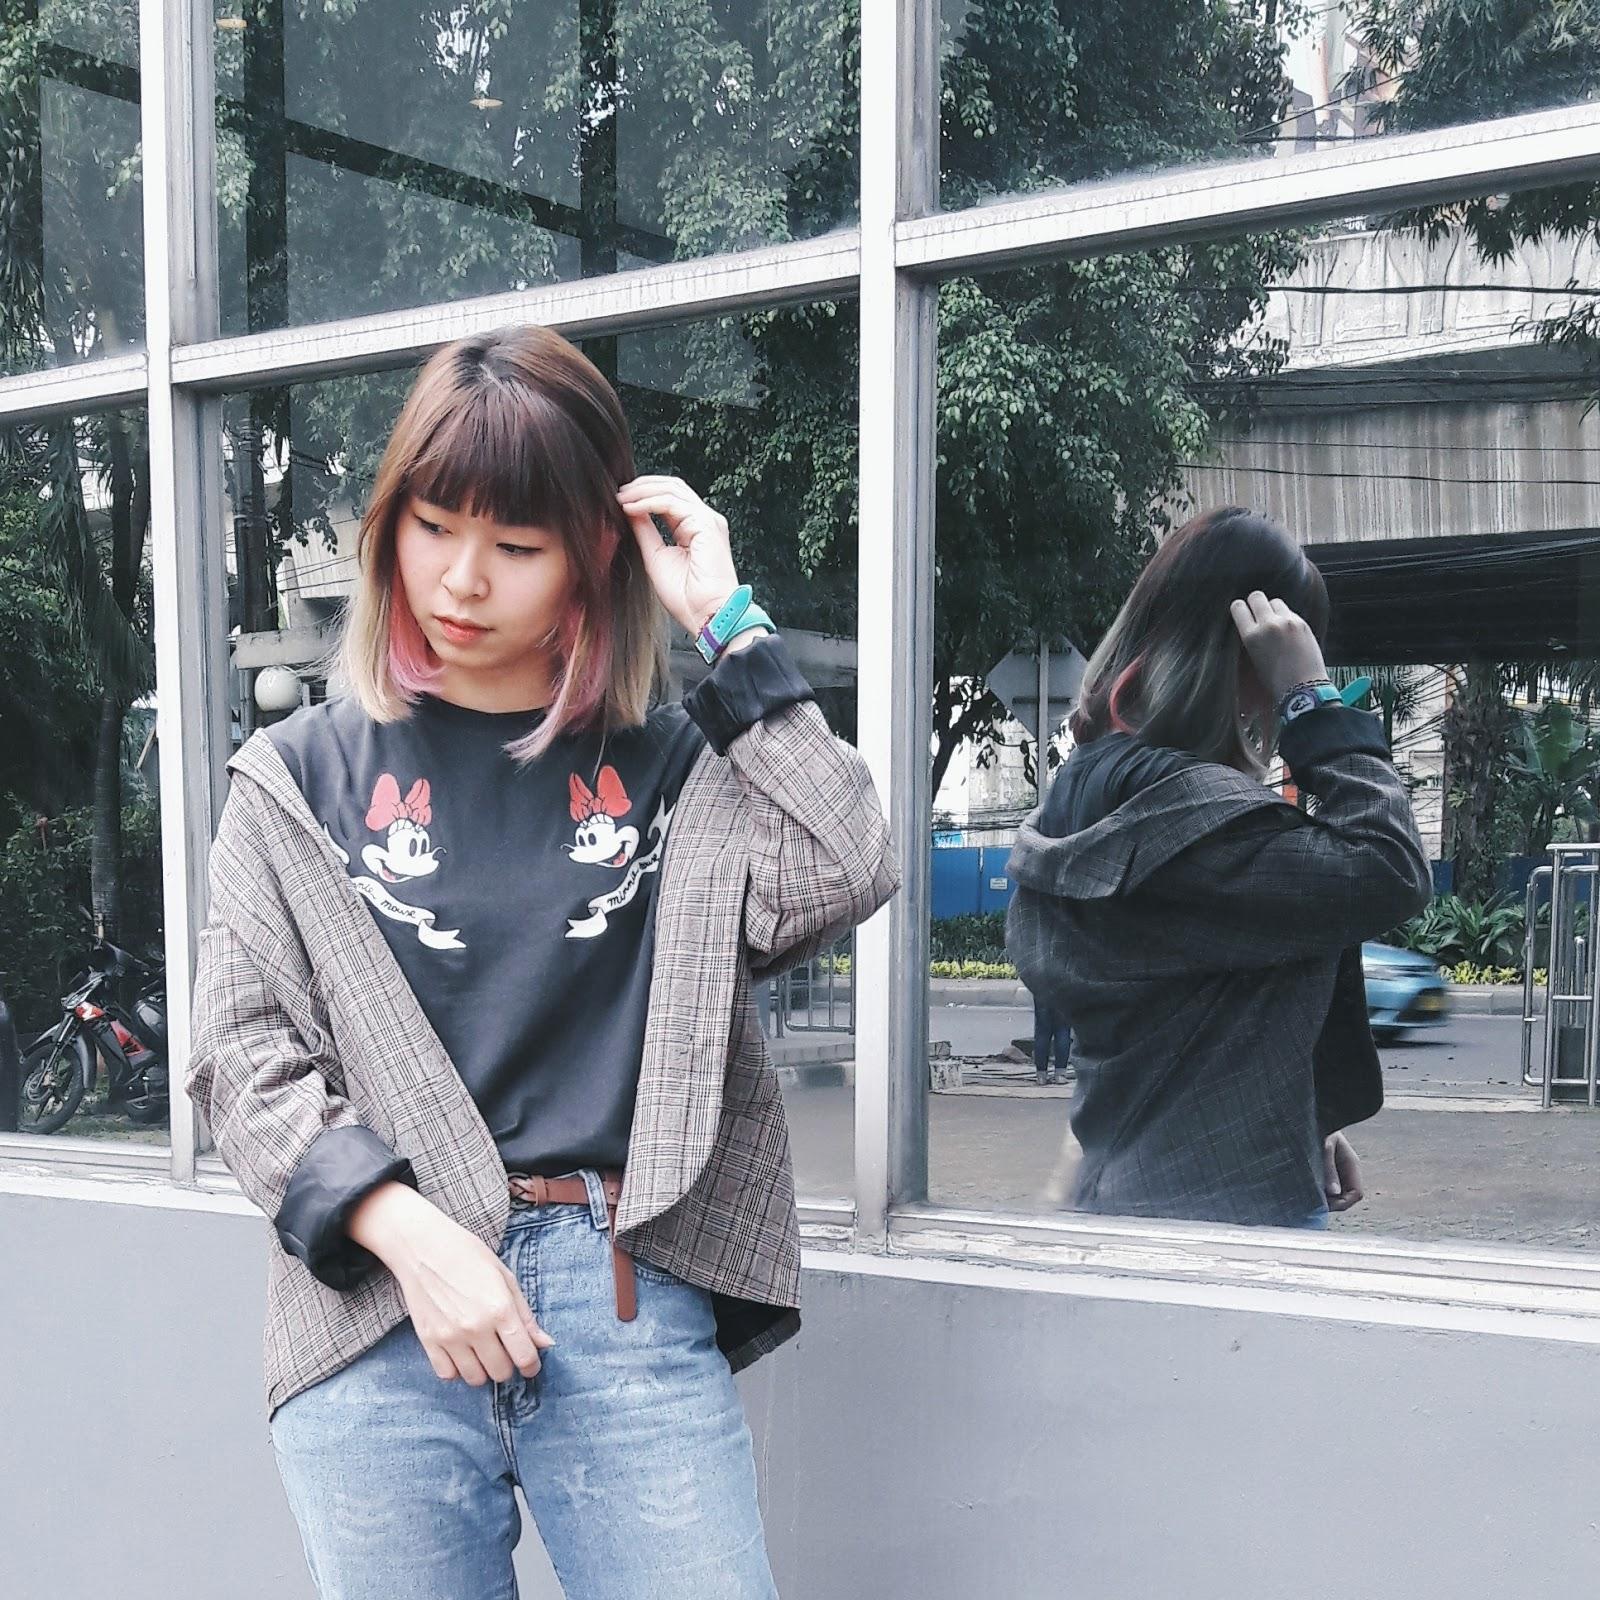 How to Look Casual with Plaid Blazer Blog   www.bigdreamerblog.com